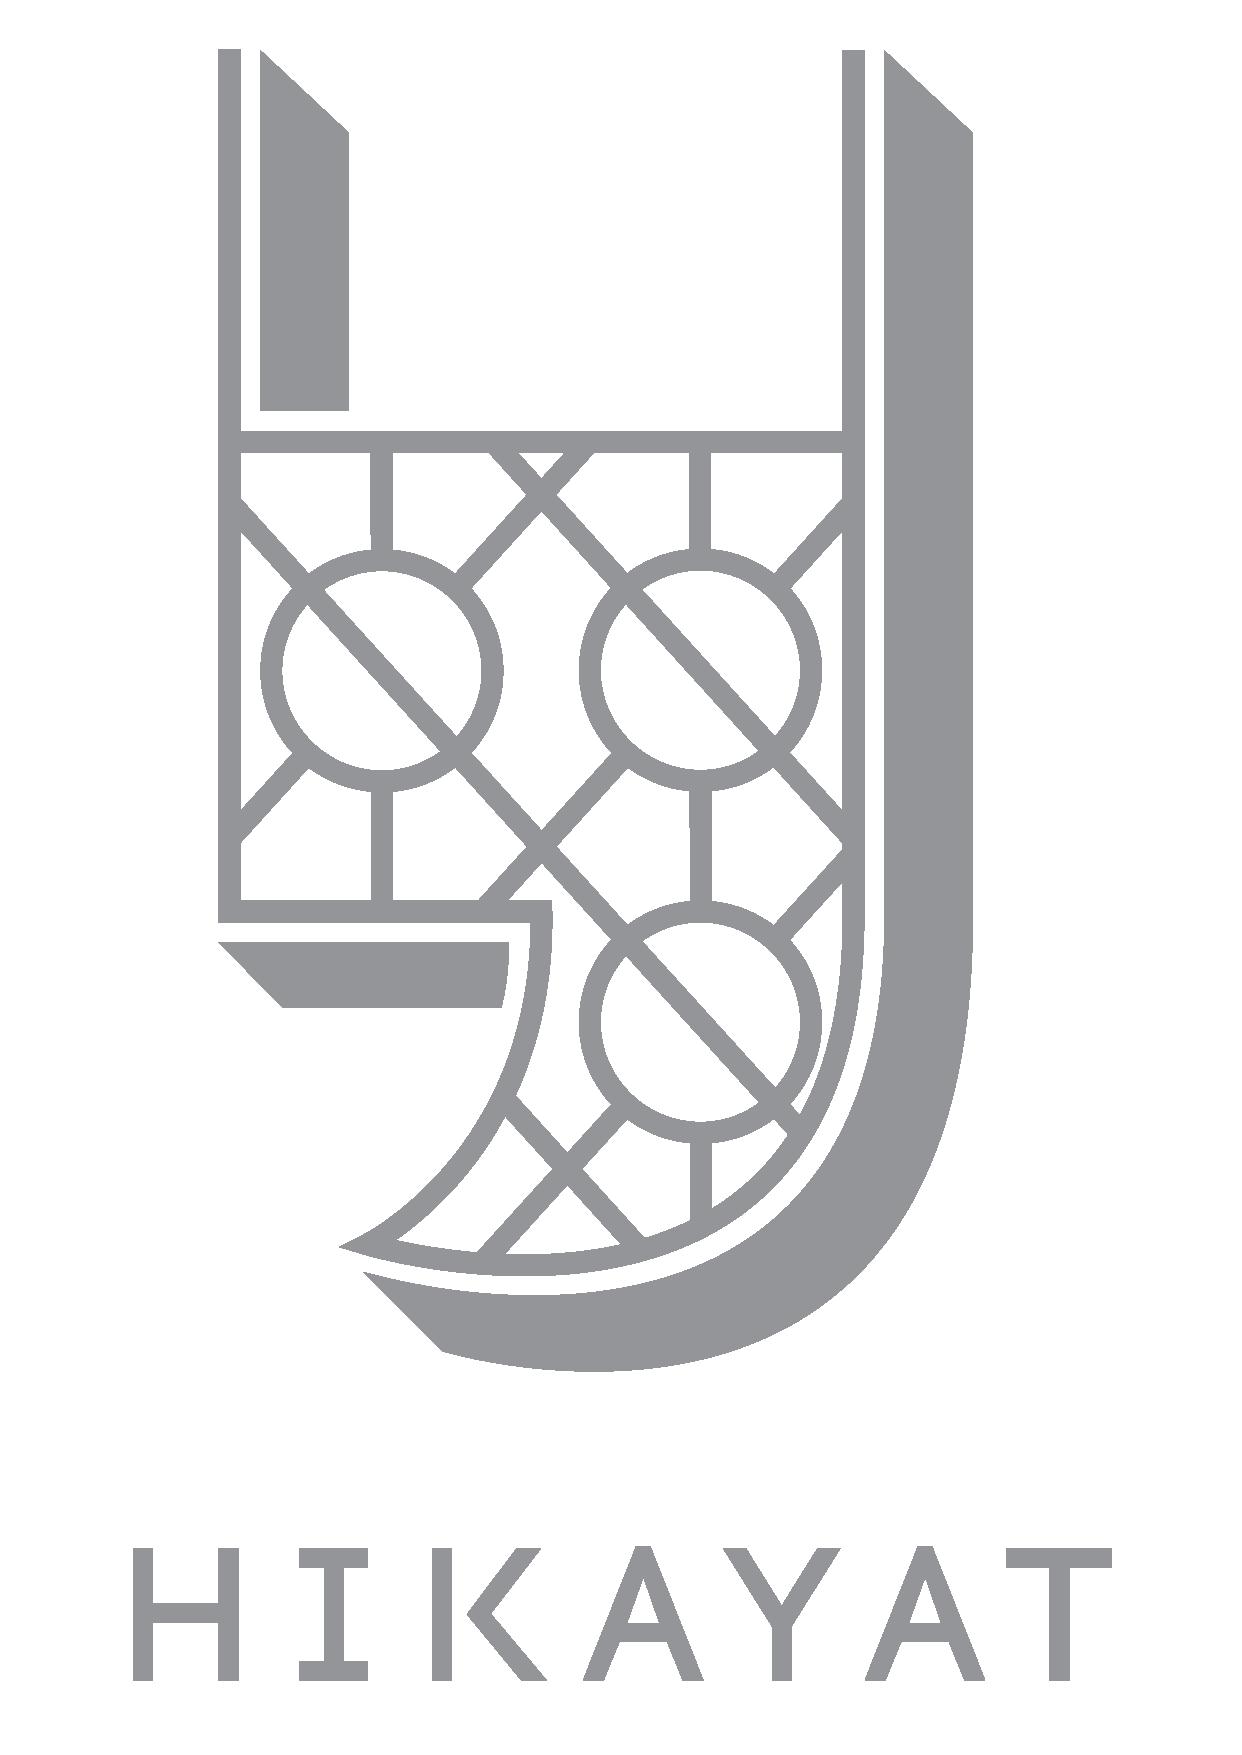 Hikayat Logo Pantone 295-01.png